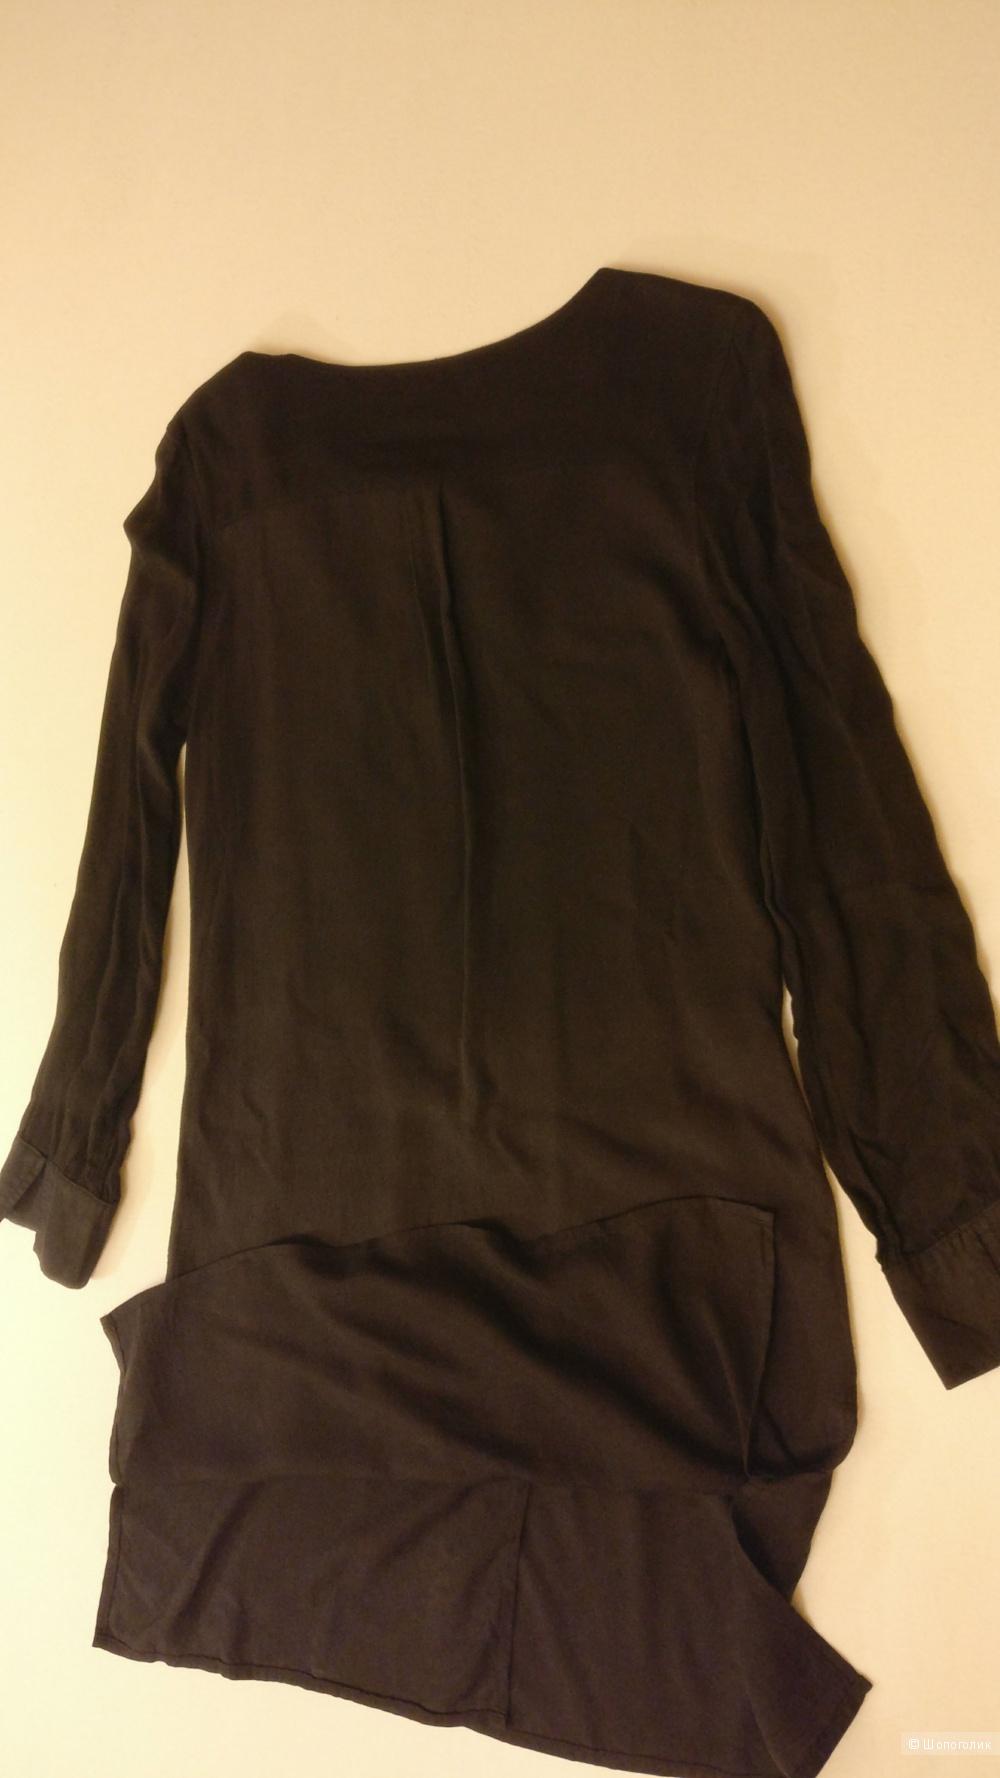 Черное платье Loft из натурального шелка, размер  xs